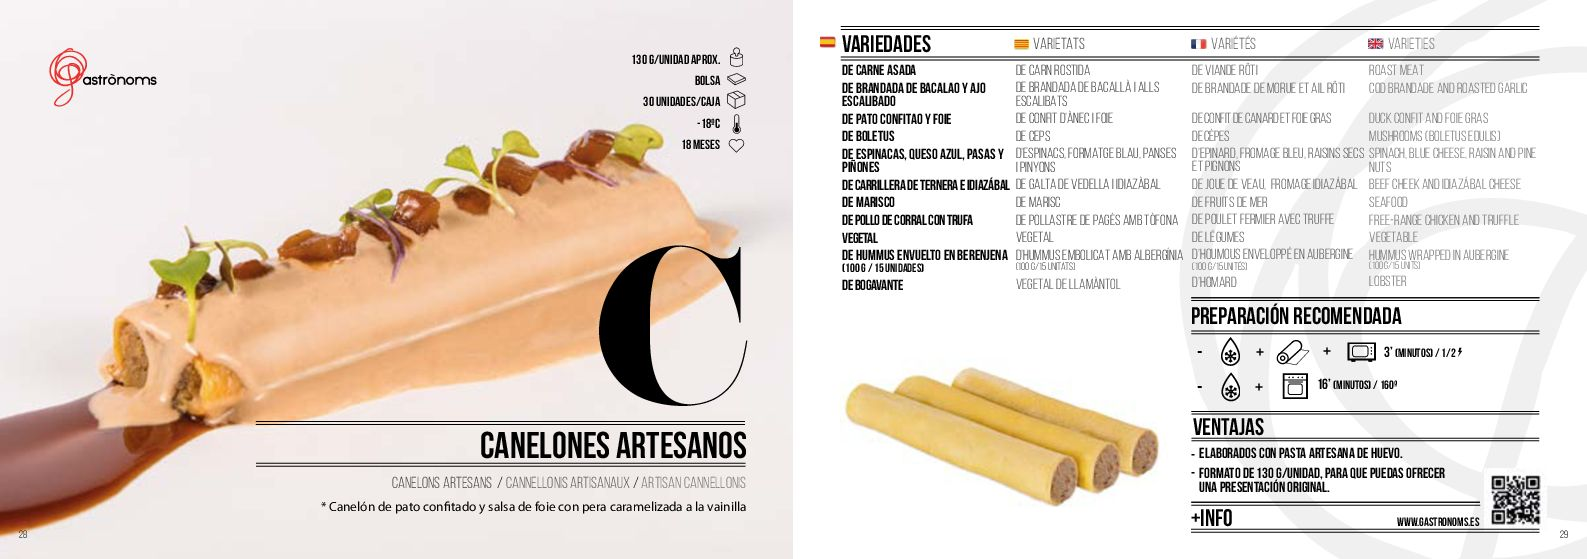 gastronoms - Pàg. 015